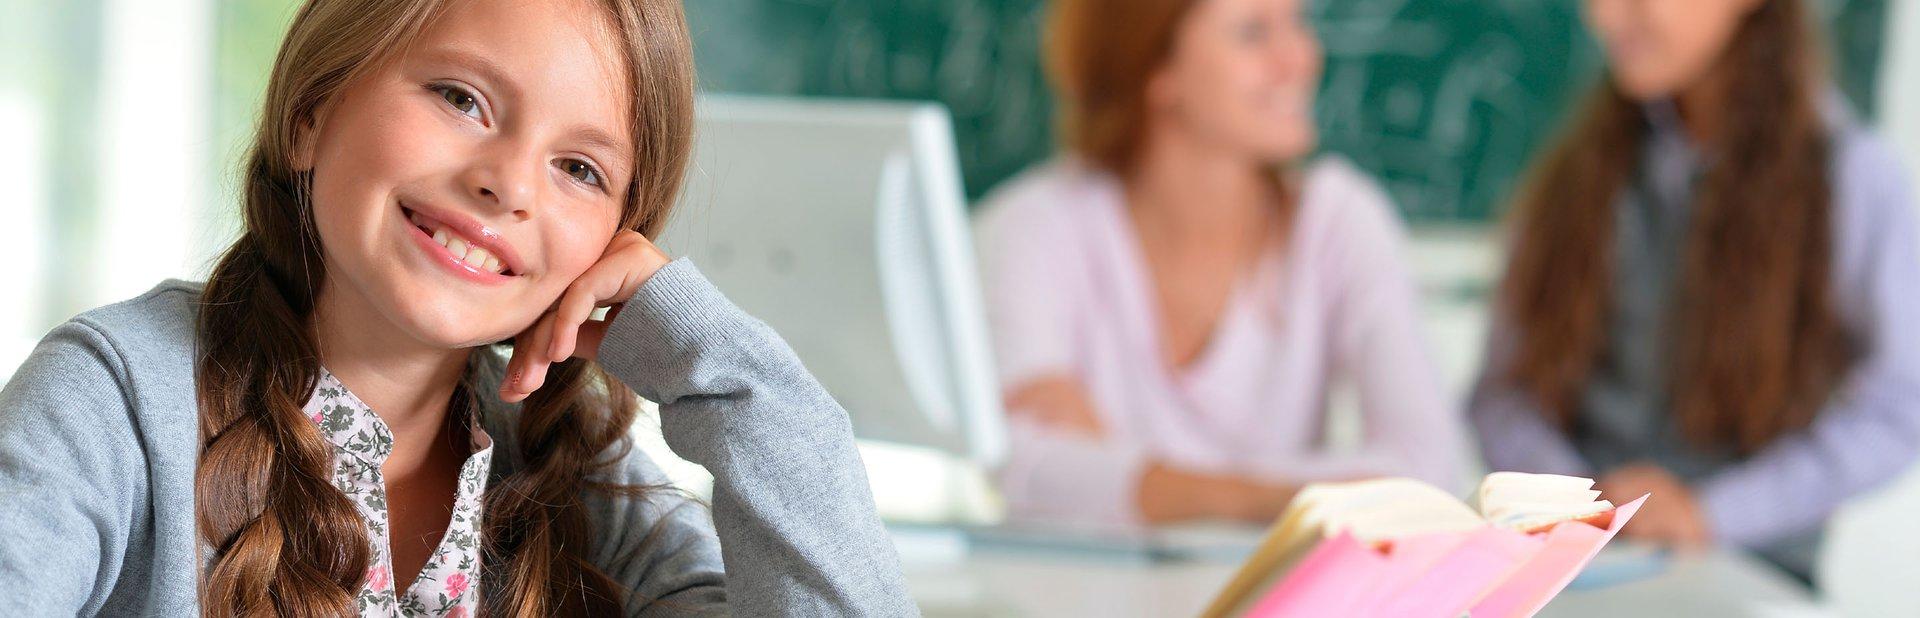 grado maestro educación primaria online